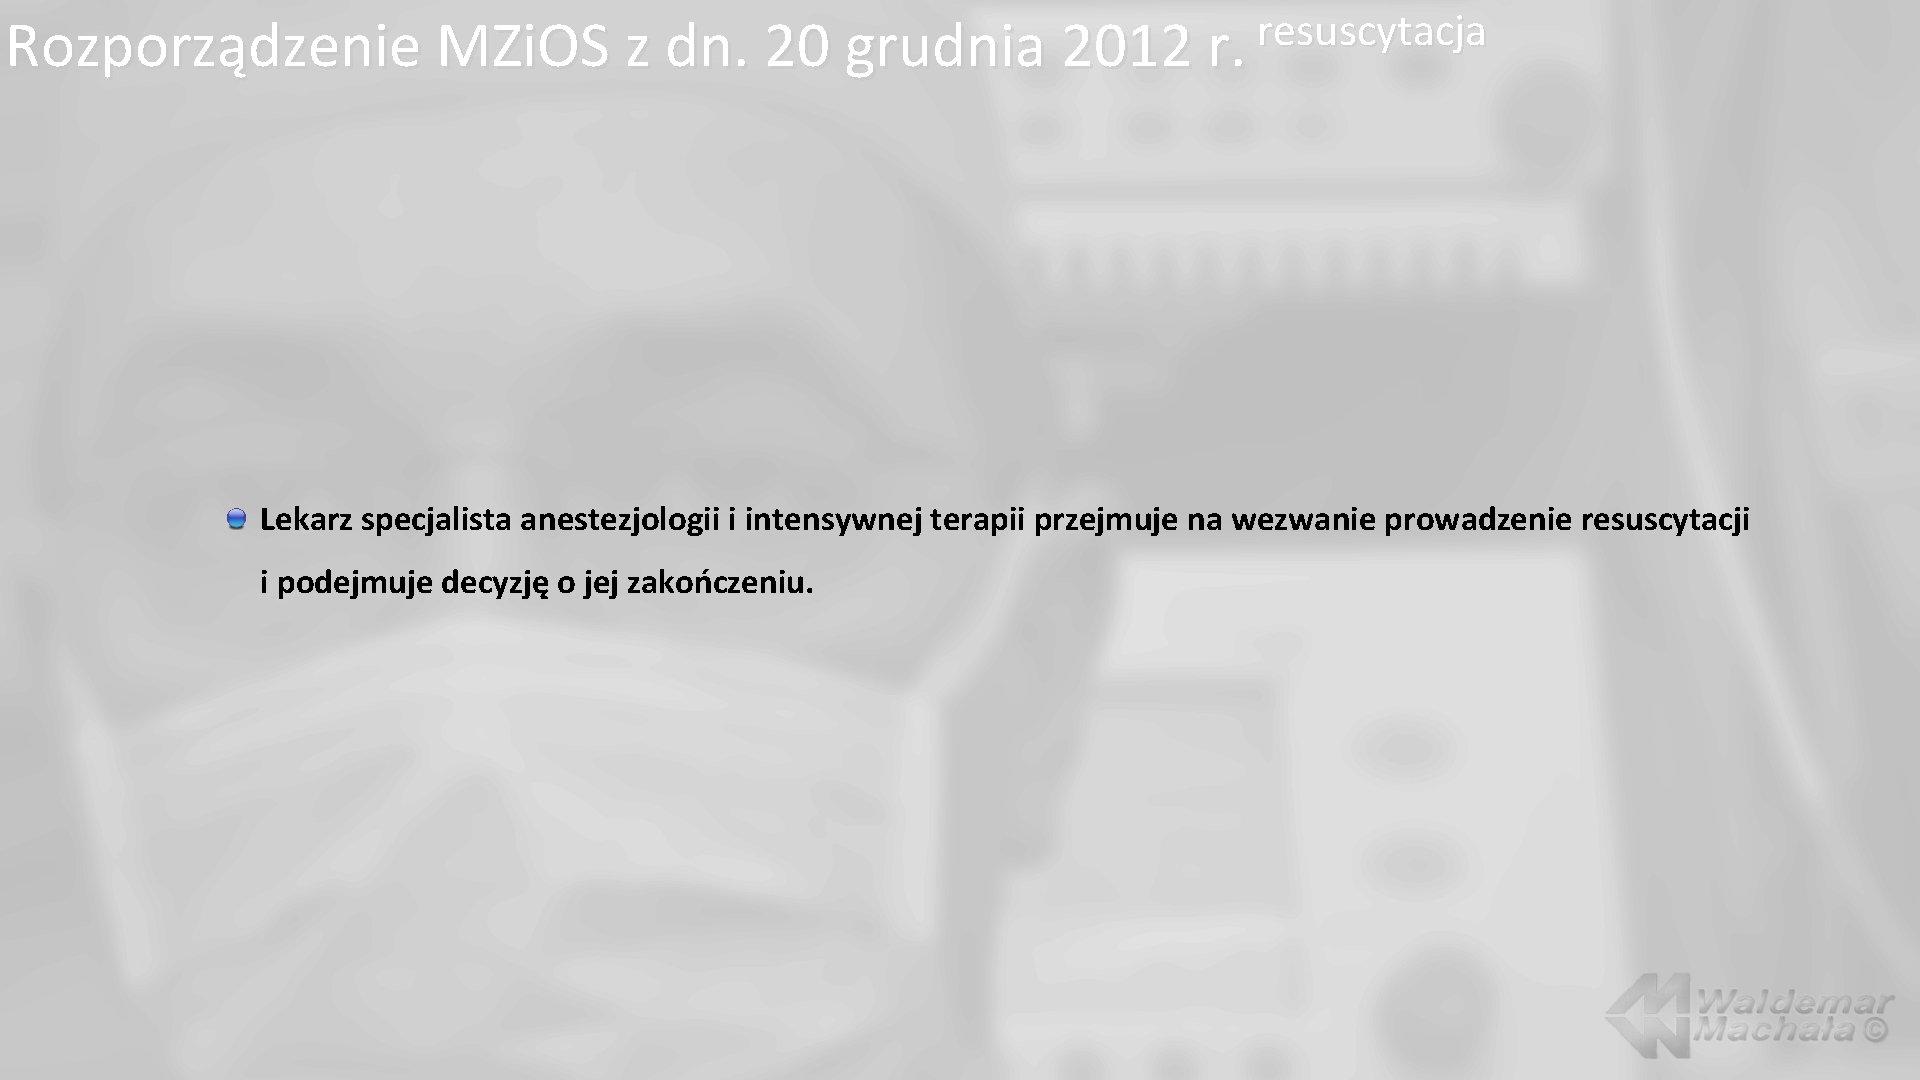 resuscytacja Rozporządzenie MZi. OS z dn. 20 grudnia 2012 r. Lekarz specjalista anestezjologii i